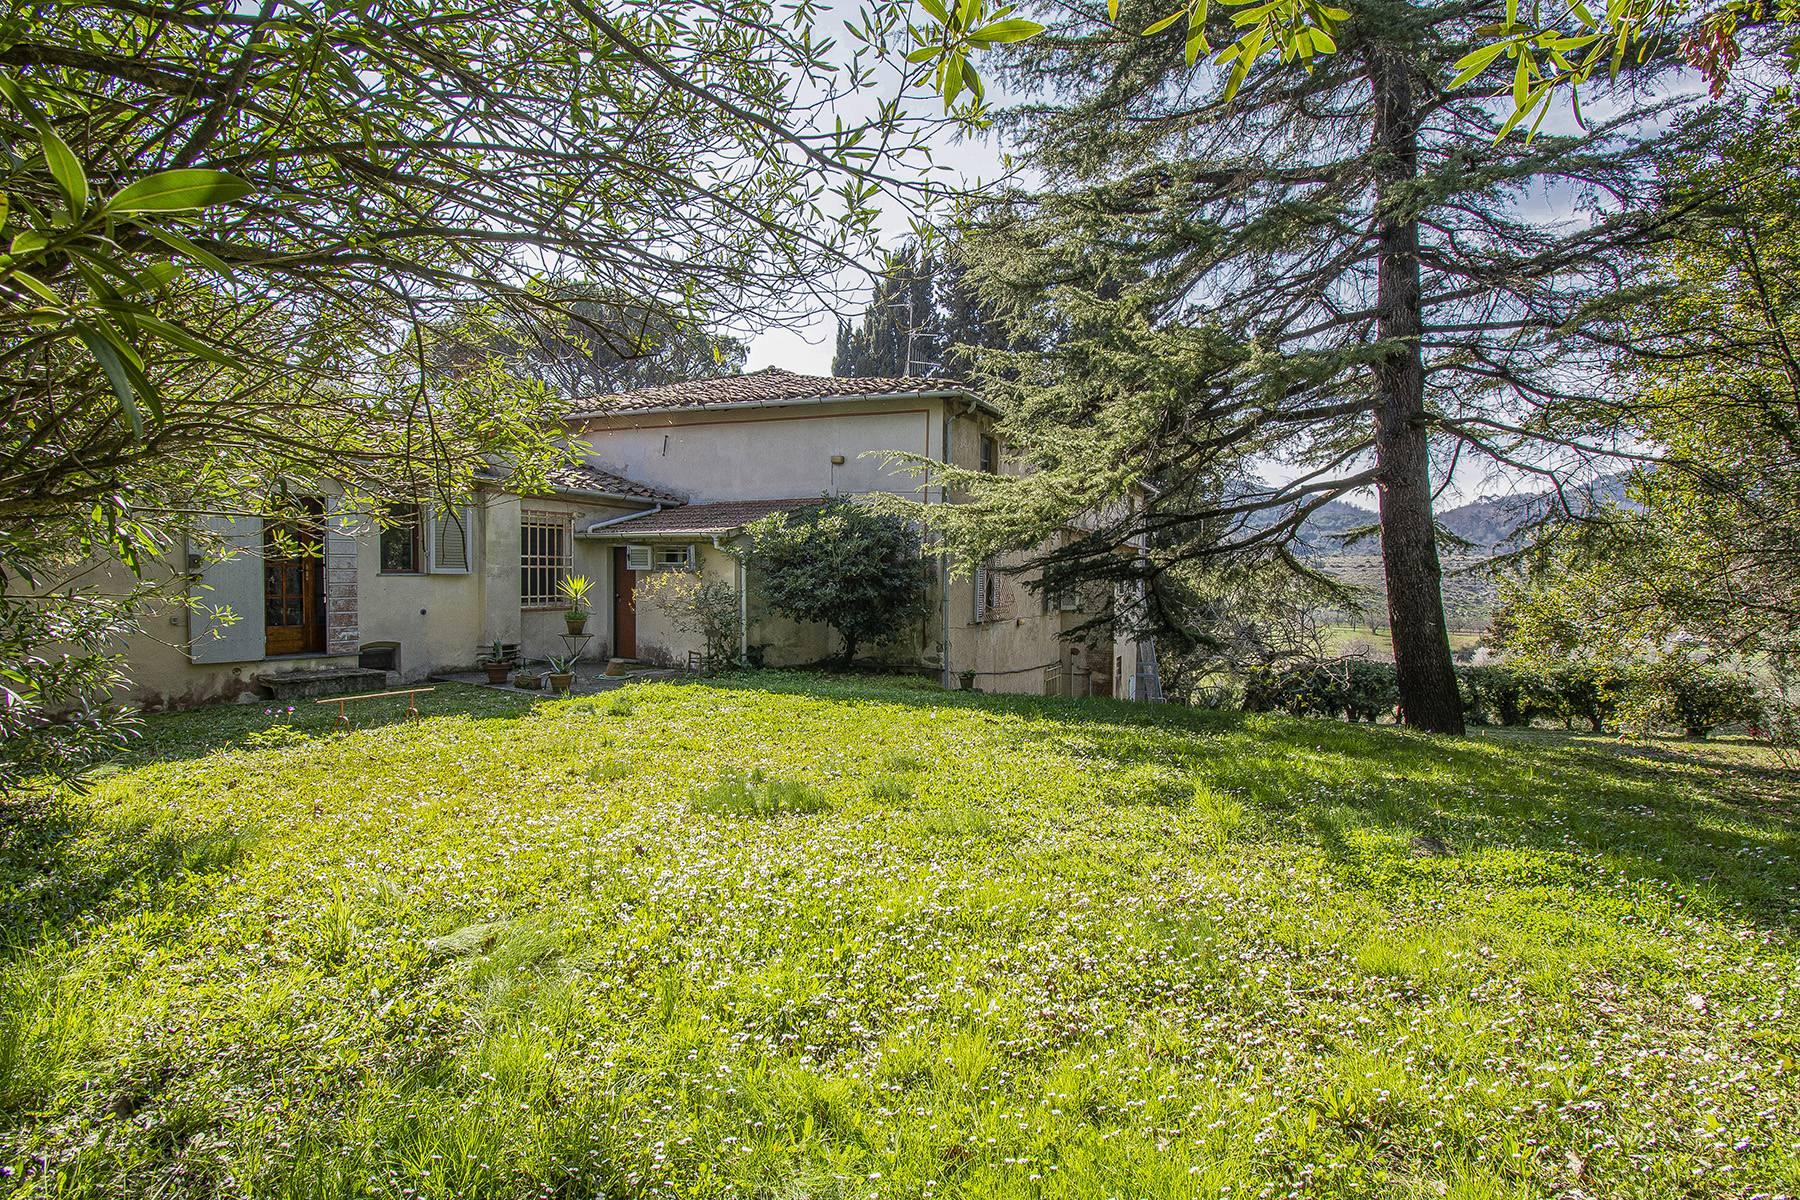 Villa in Vendita a Vecchiano: 5 locali, 900 mq - Foto 25